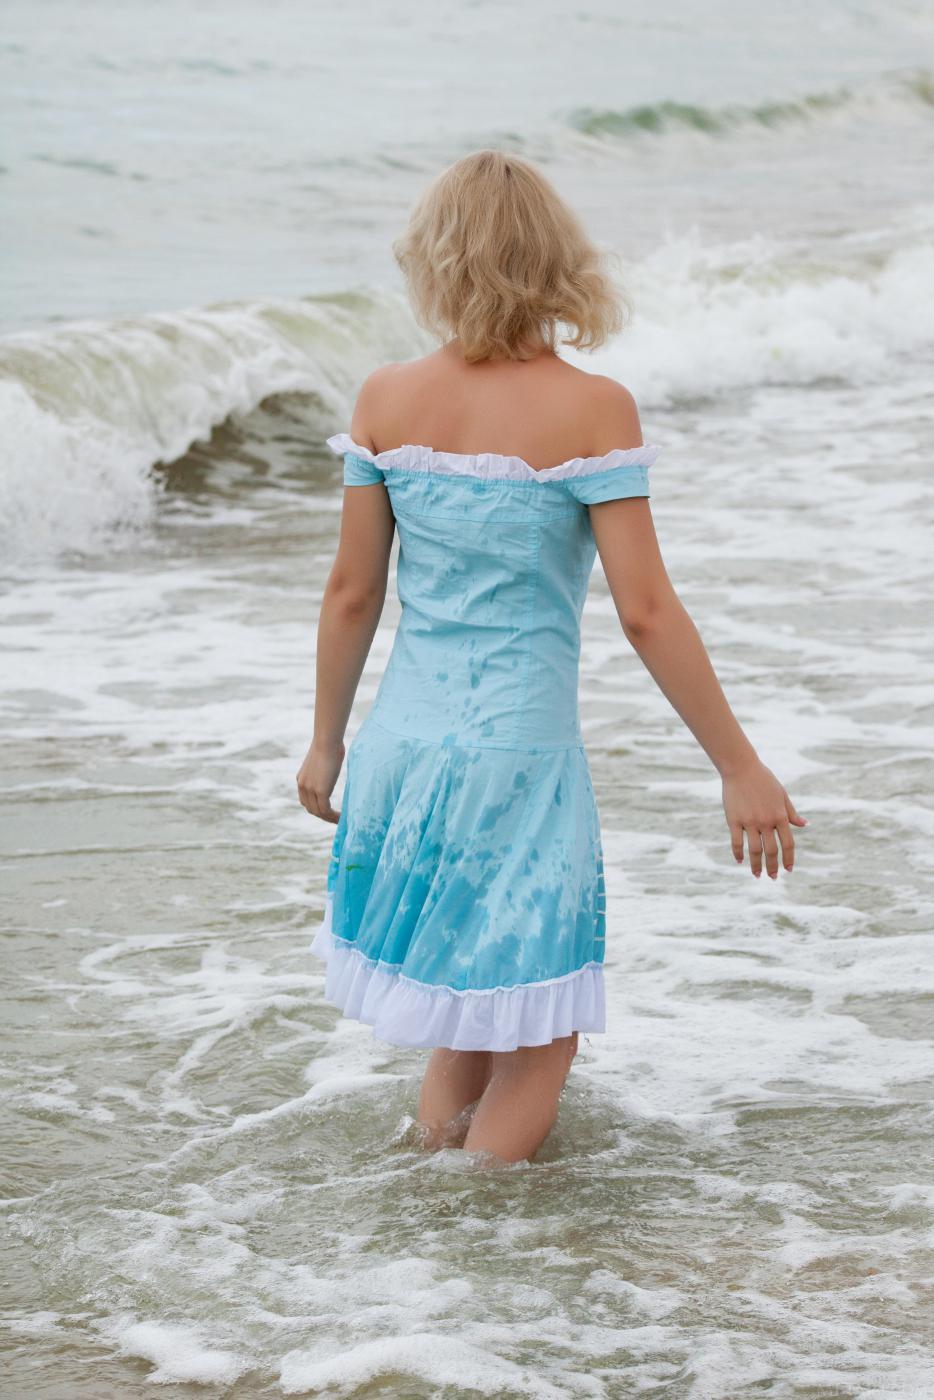 Ангельская блондинка Feeona A снимает одежду и показывает формы на волнах